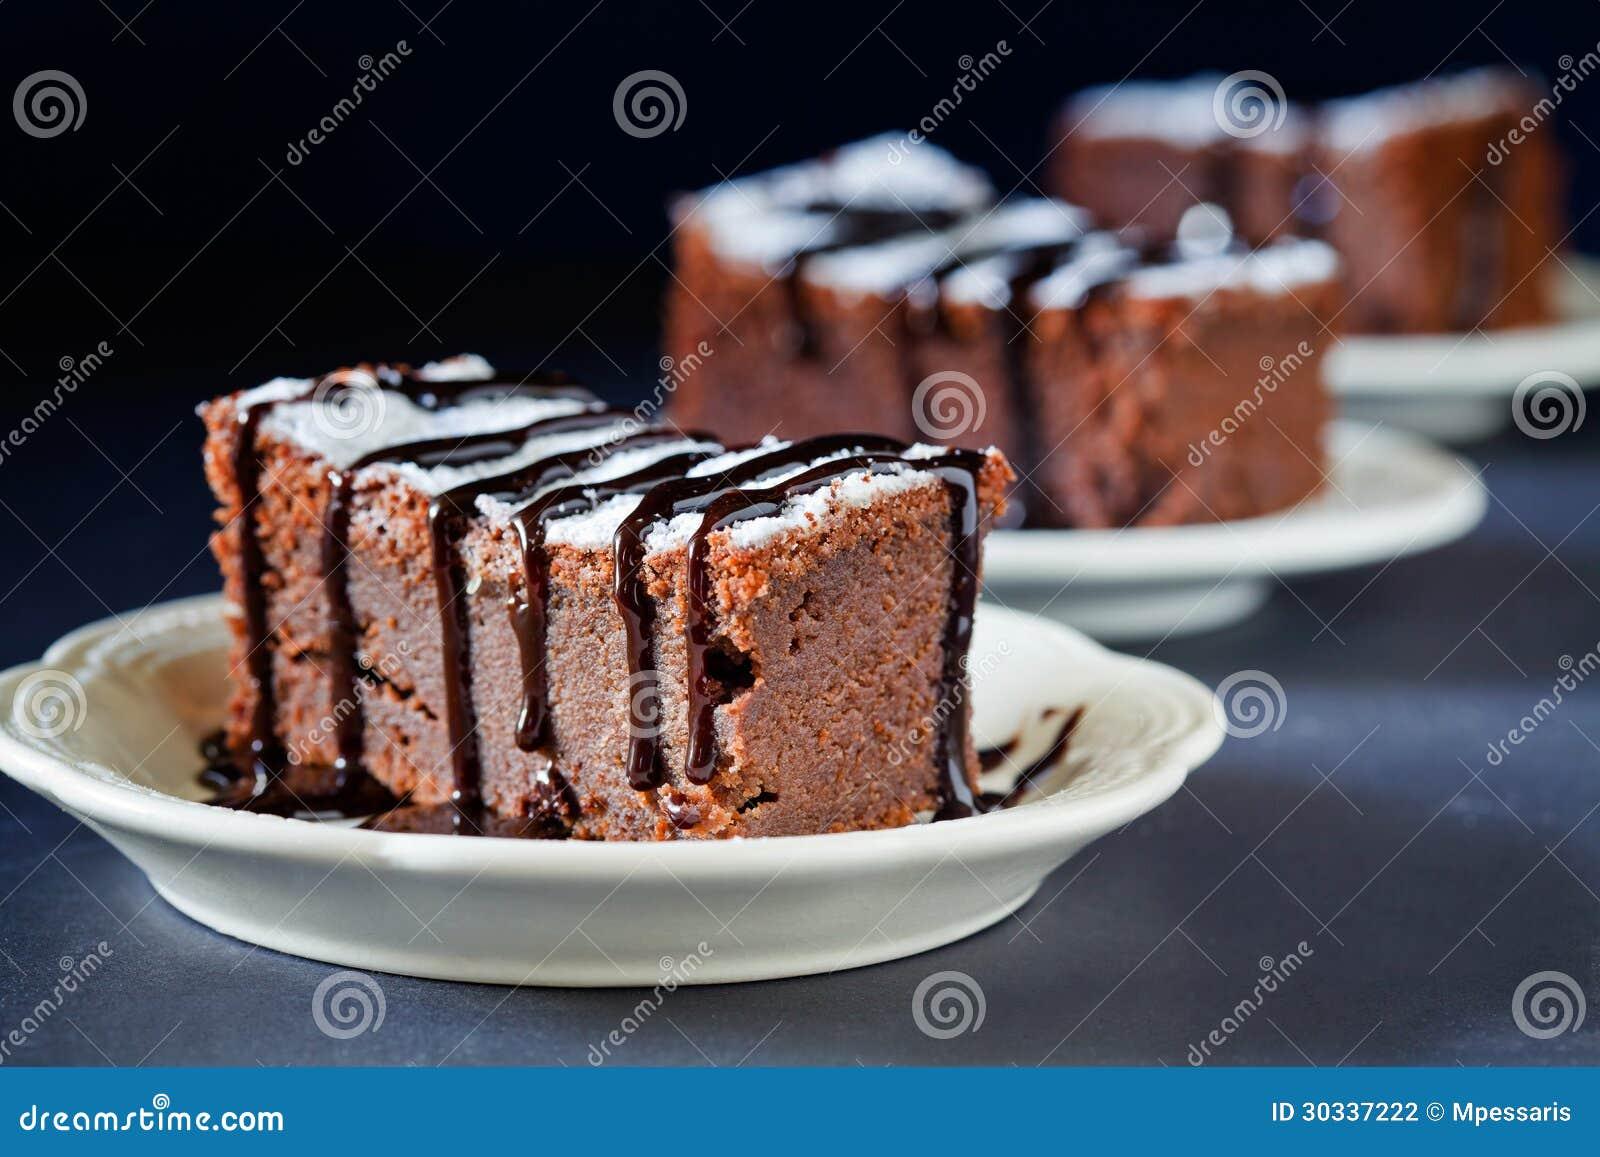 甜巧克力蛋糕